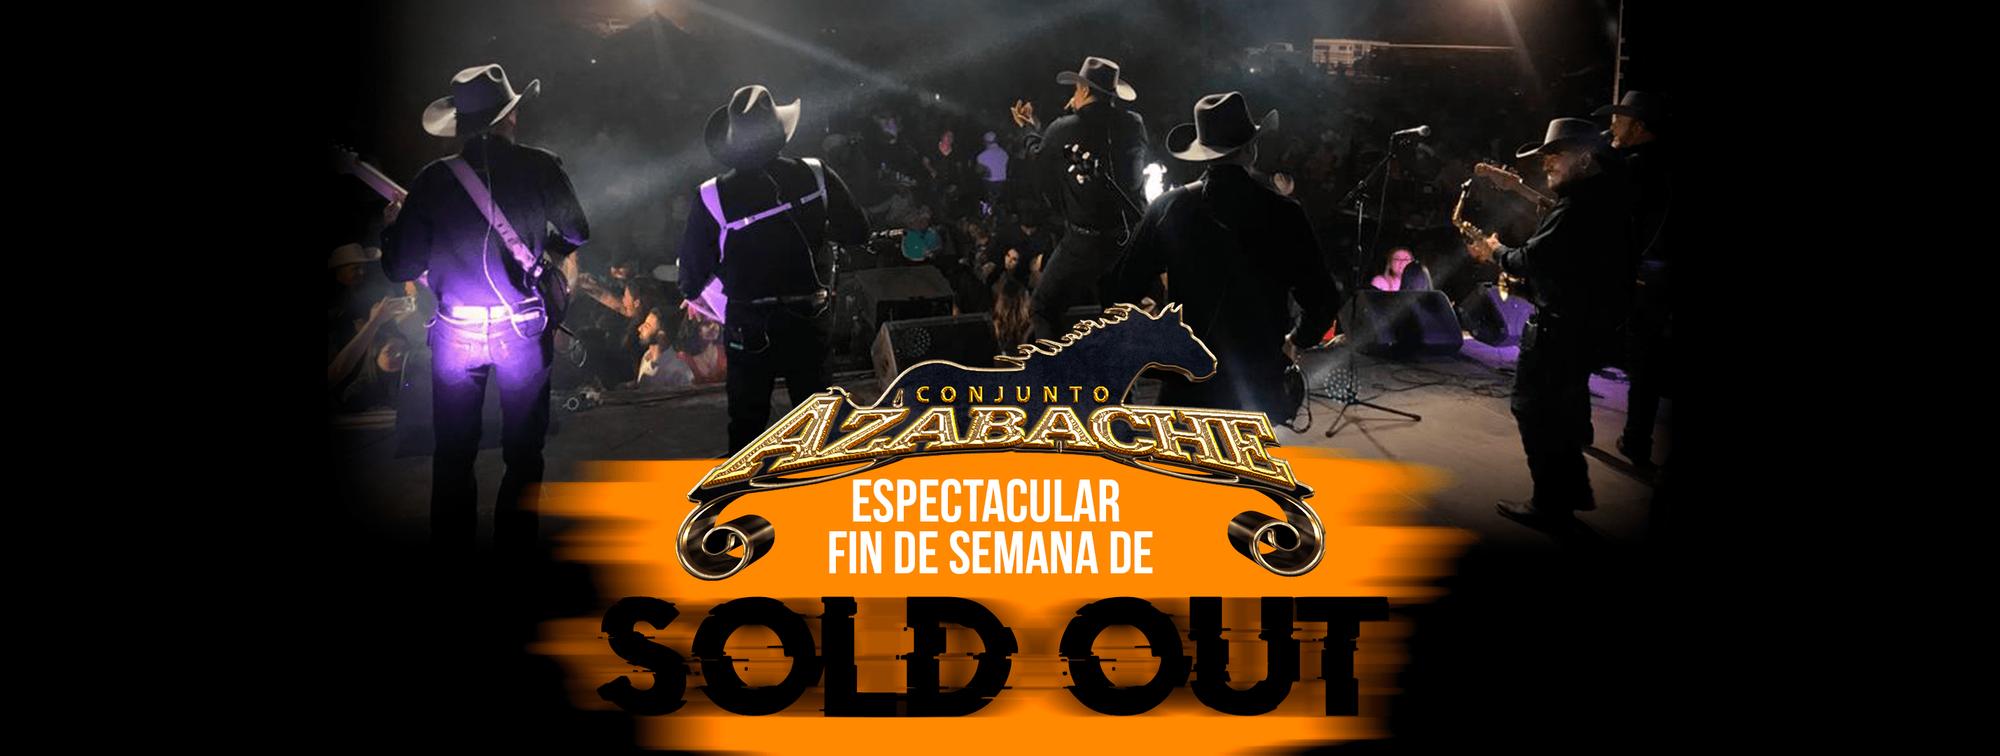 Conjunto Azabache en Espectacular Fin de Semana de Sold Out